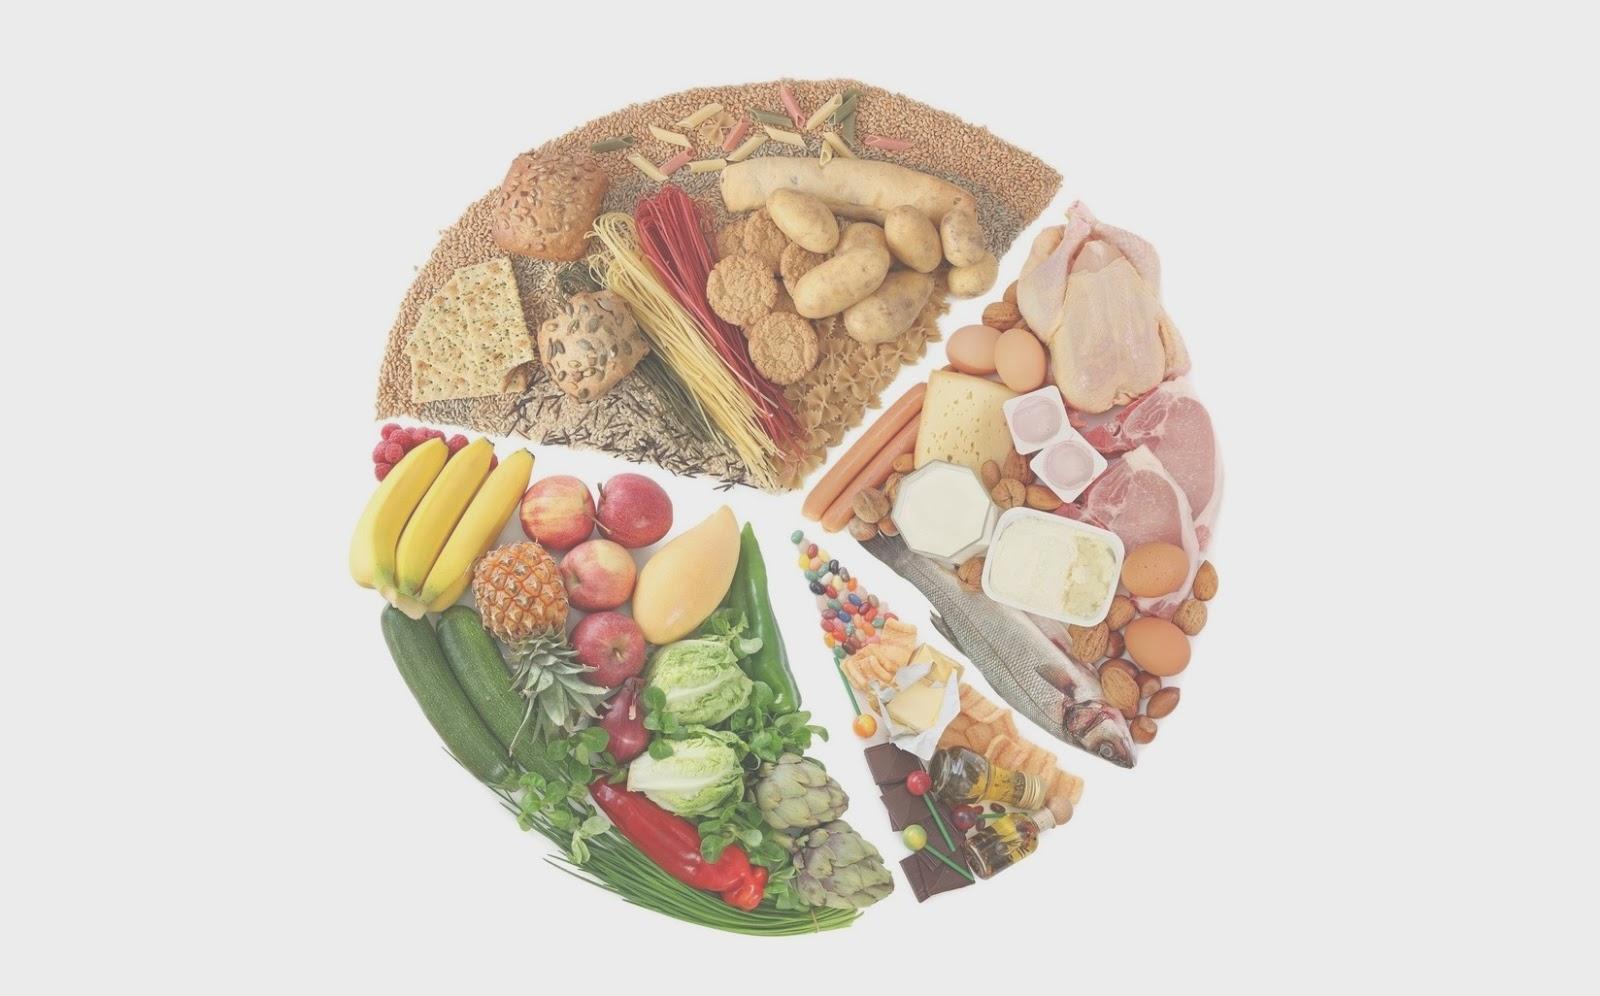 Menghitung Kebutuhan Kalori Tubuh Dalam Menjaga Berat Badan